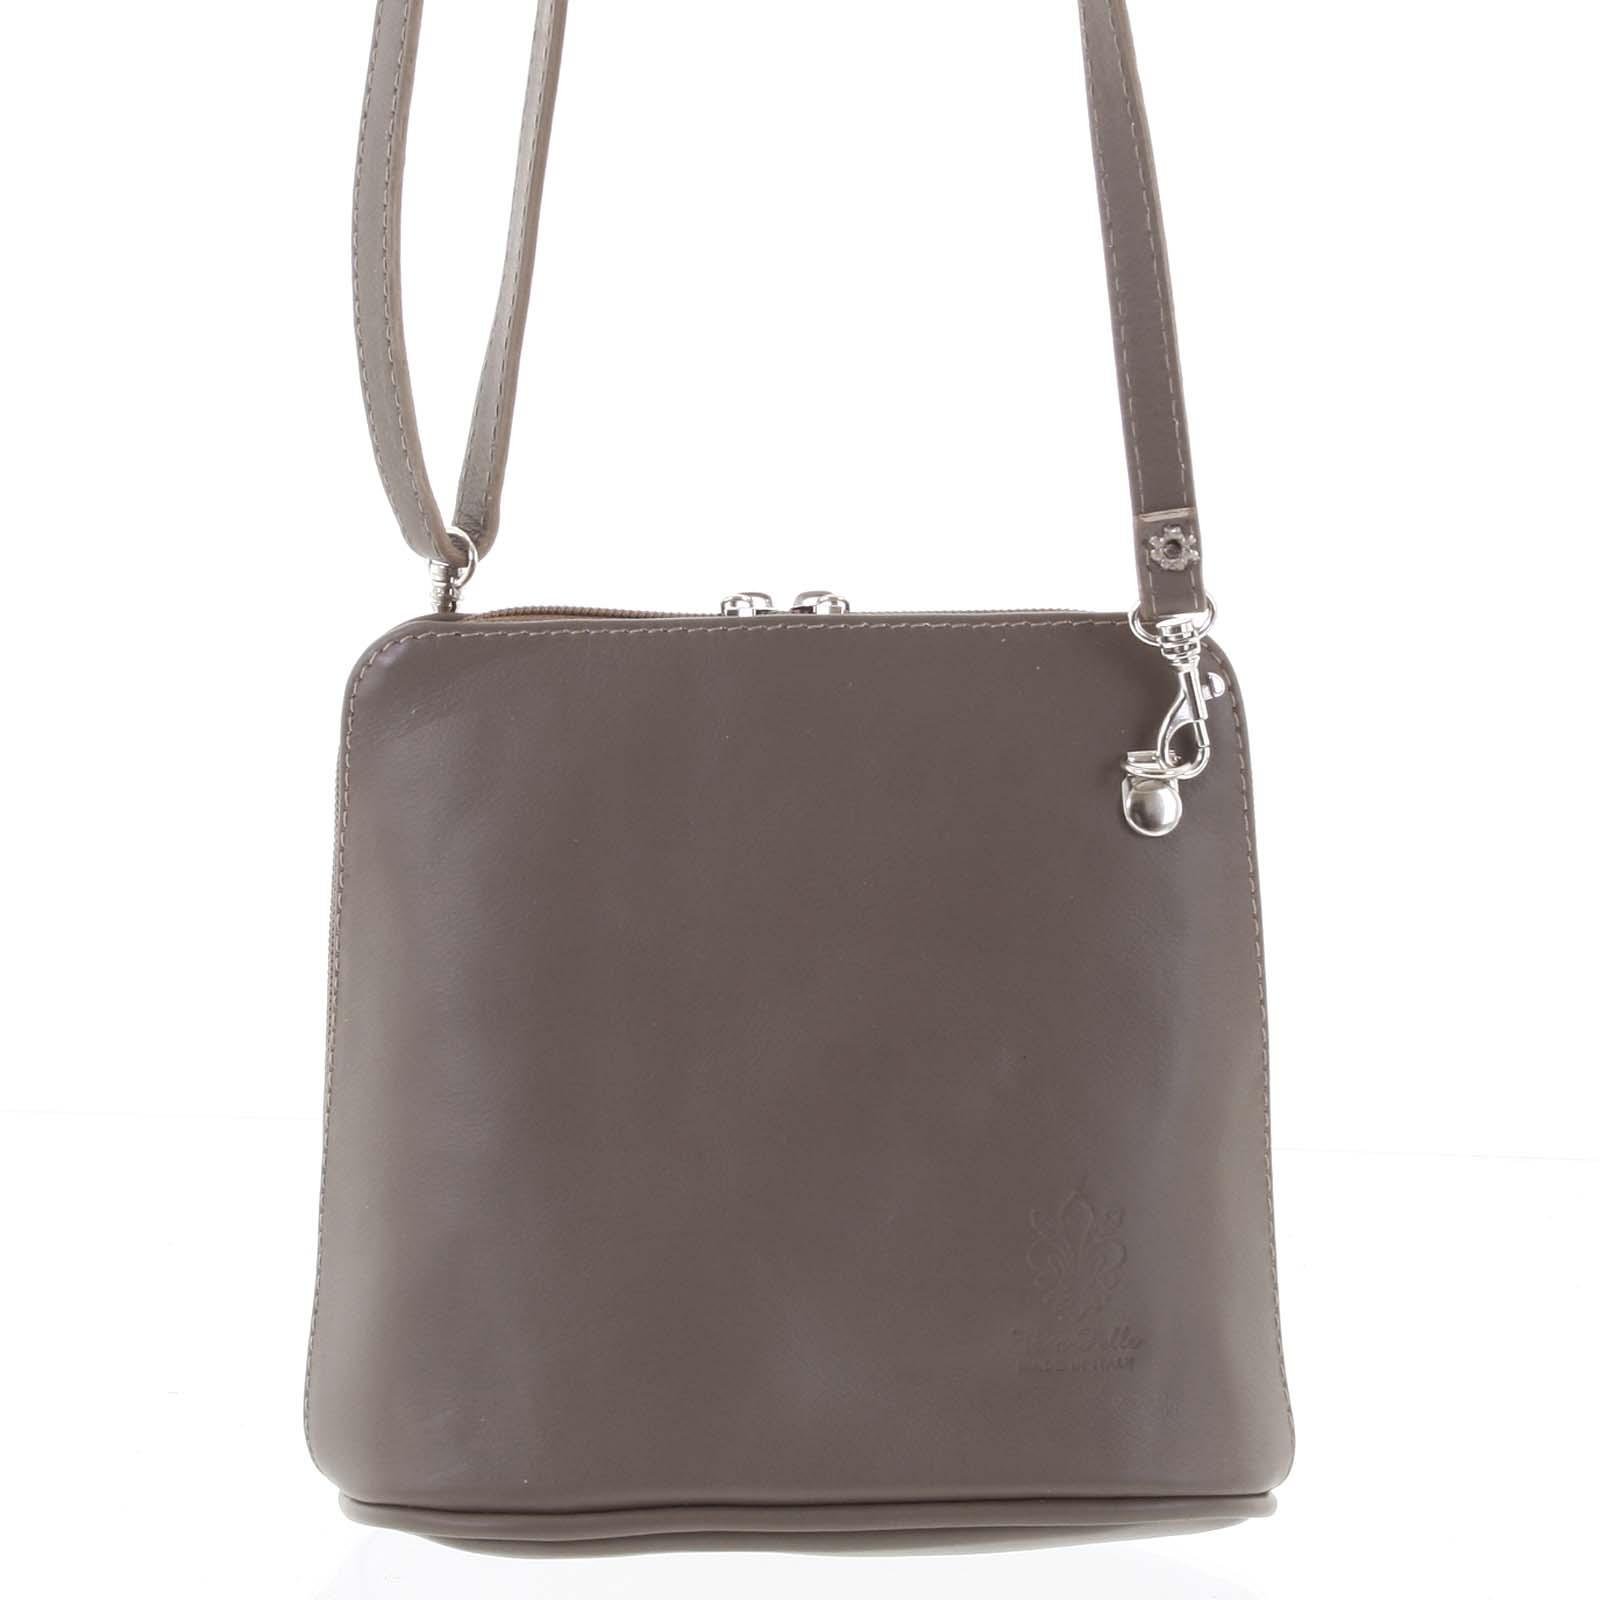 Dámská kožená crossbody kabelka šedo hnědá - ItalY 10053